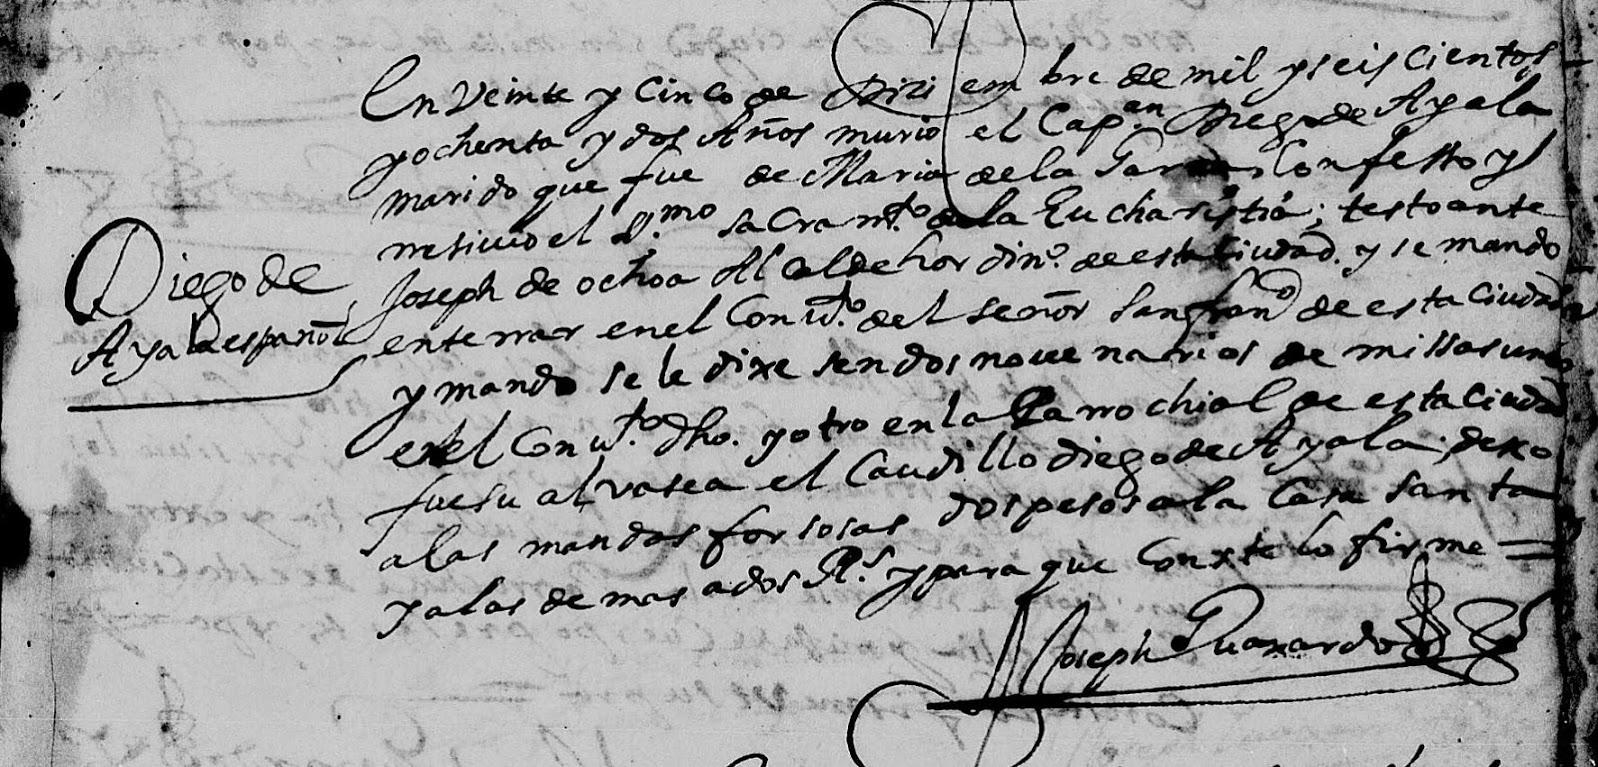 Death Record of Diego de Ayala Monterrey Nuevo Leon Mexico